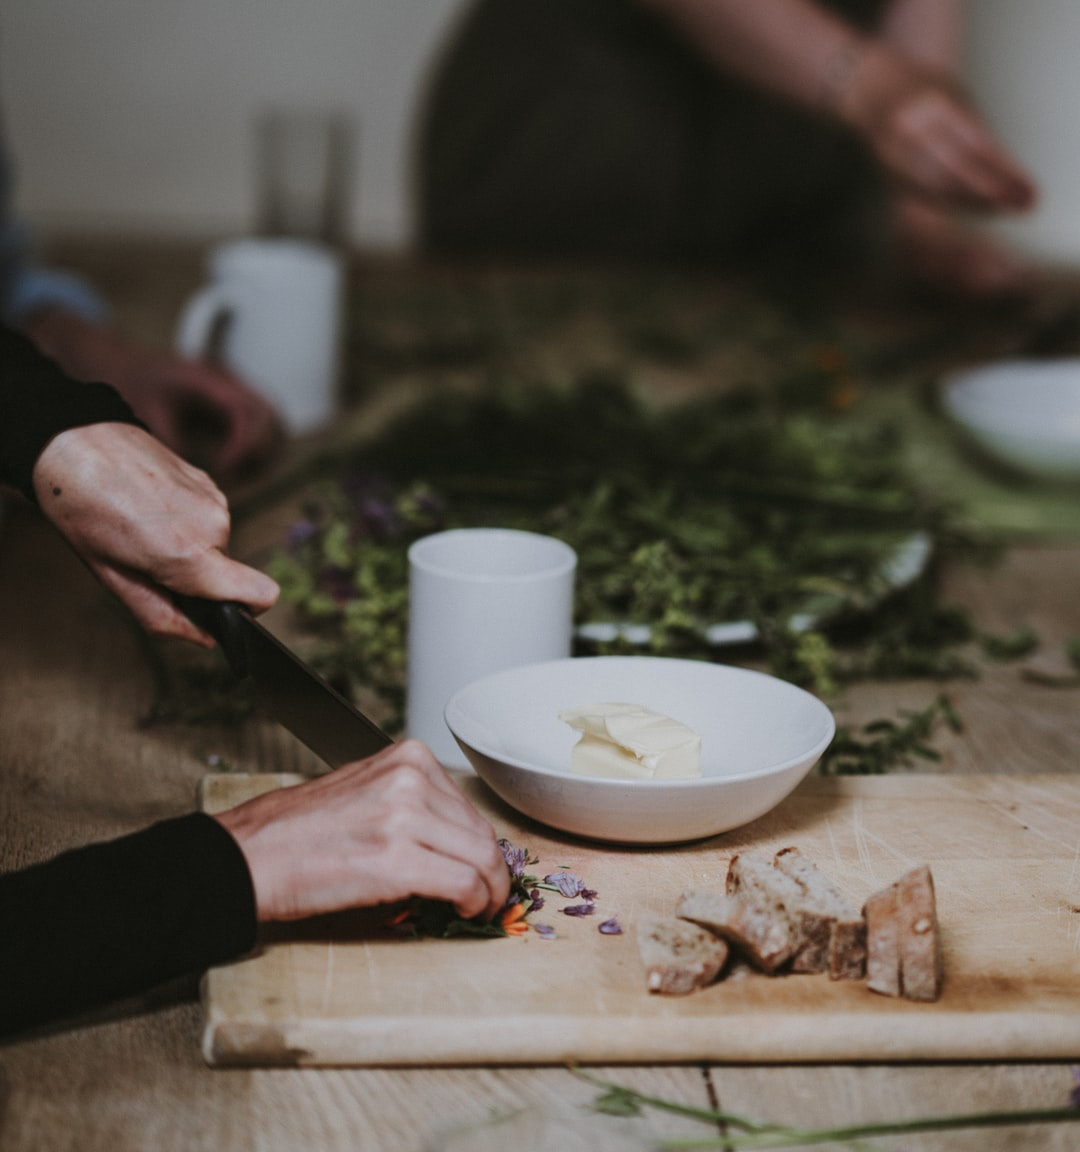 Food prep, chopping herbs